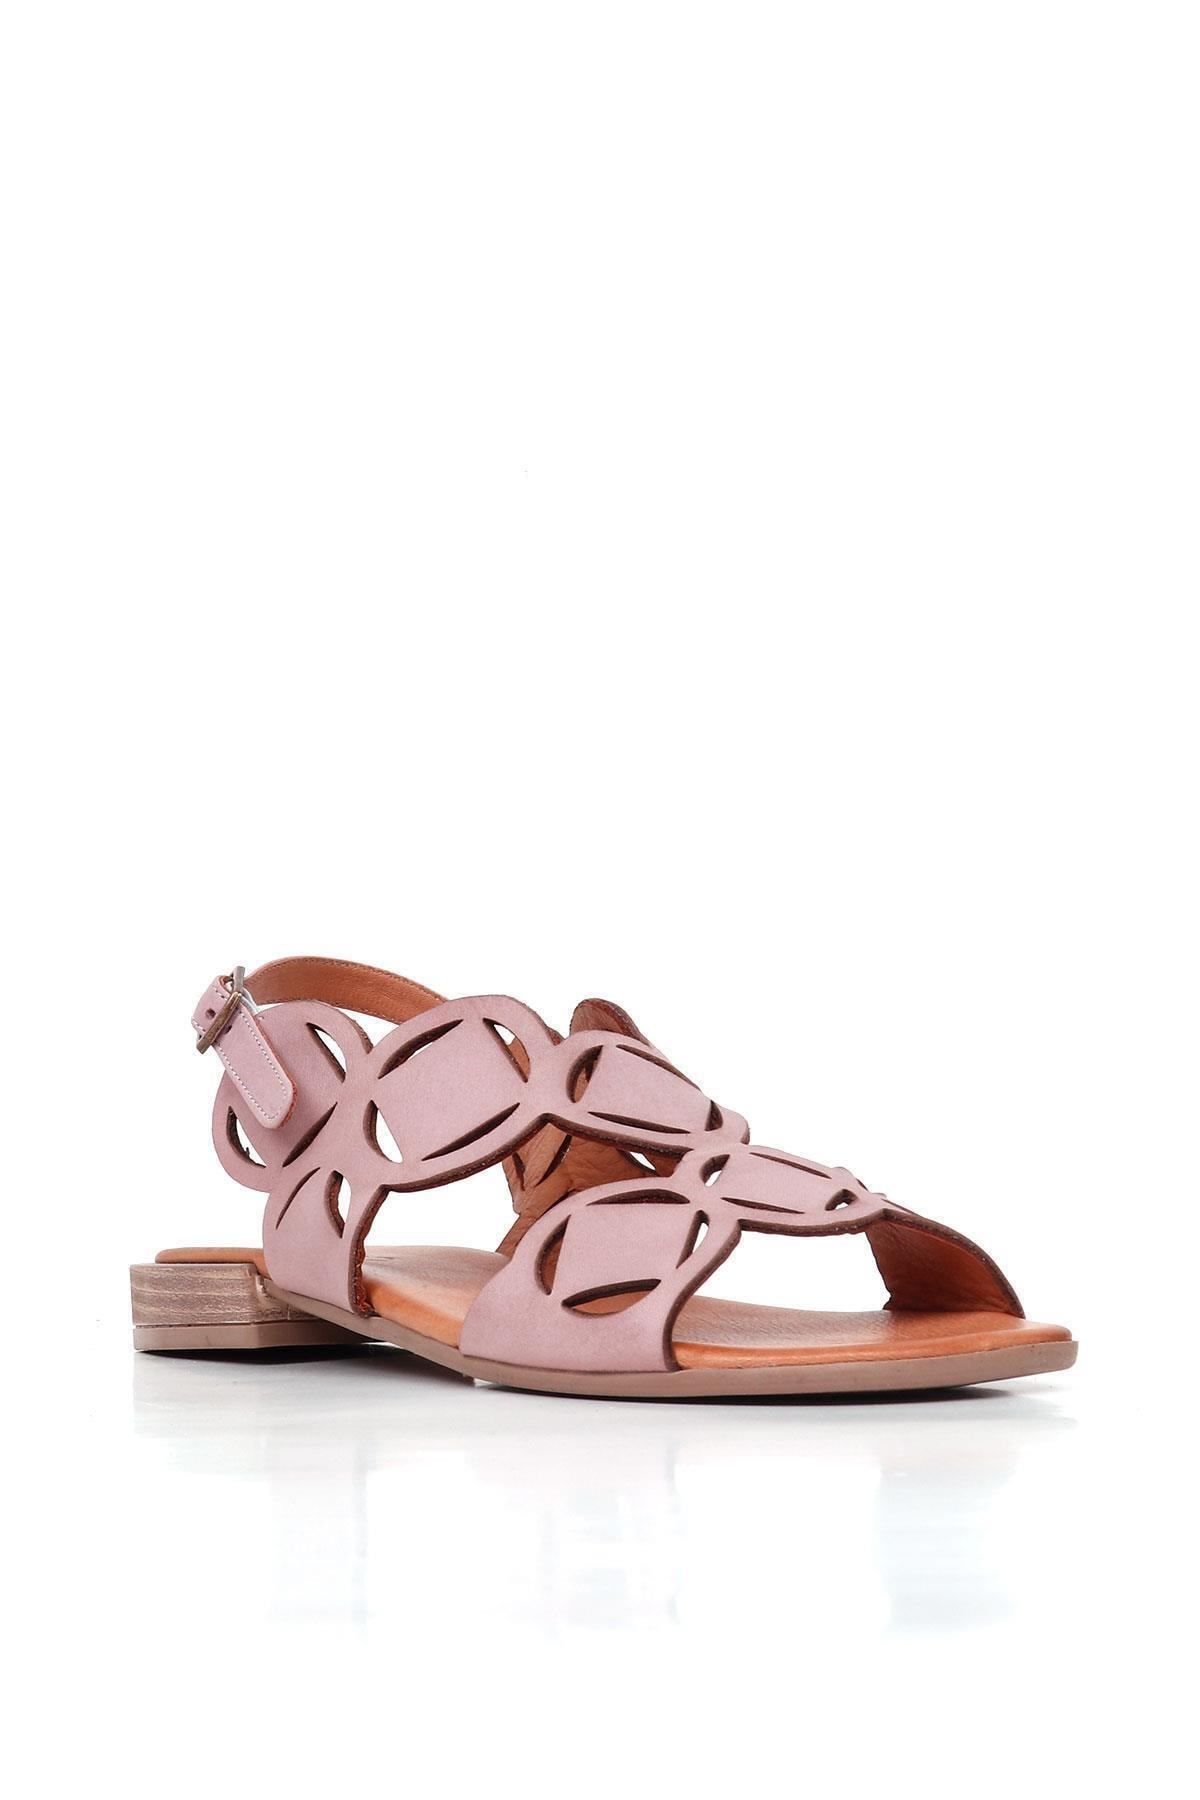 BUENO Shoes Kemerli Hakiki Deri Kadın Düz Sandalet 20wq5601 2